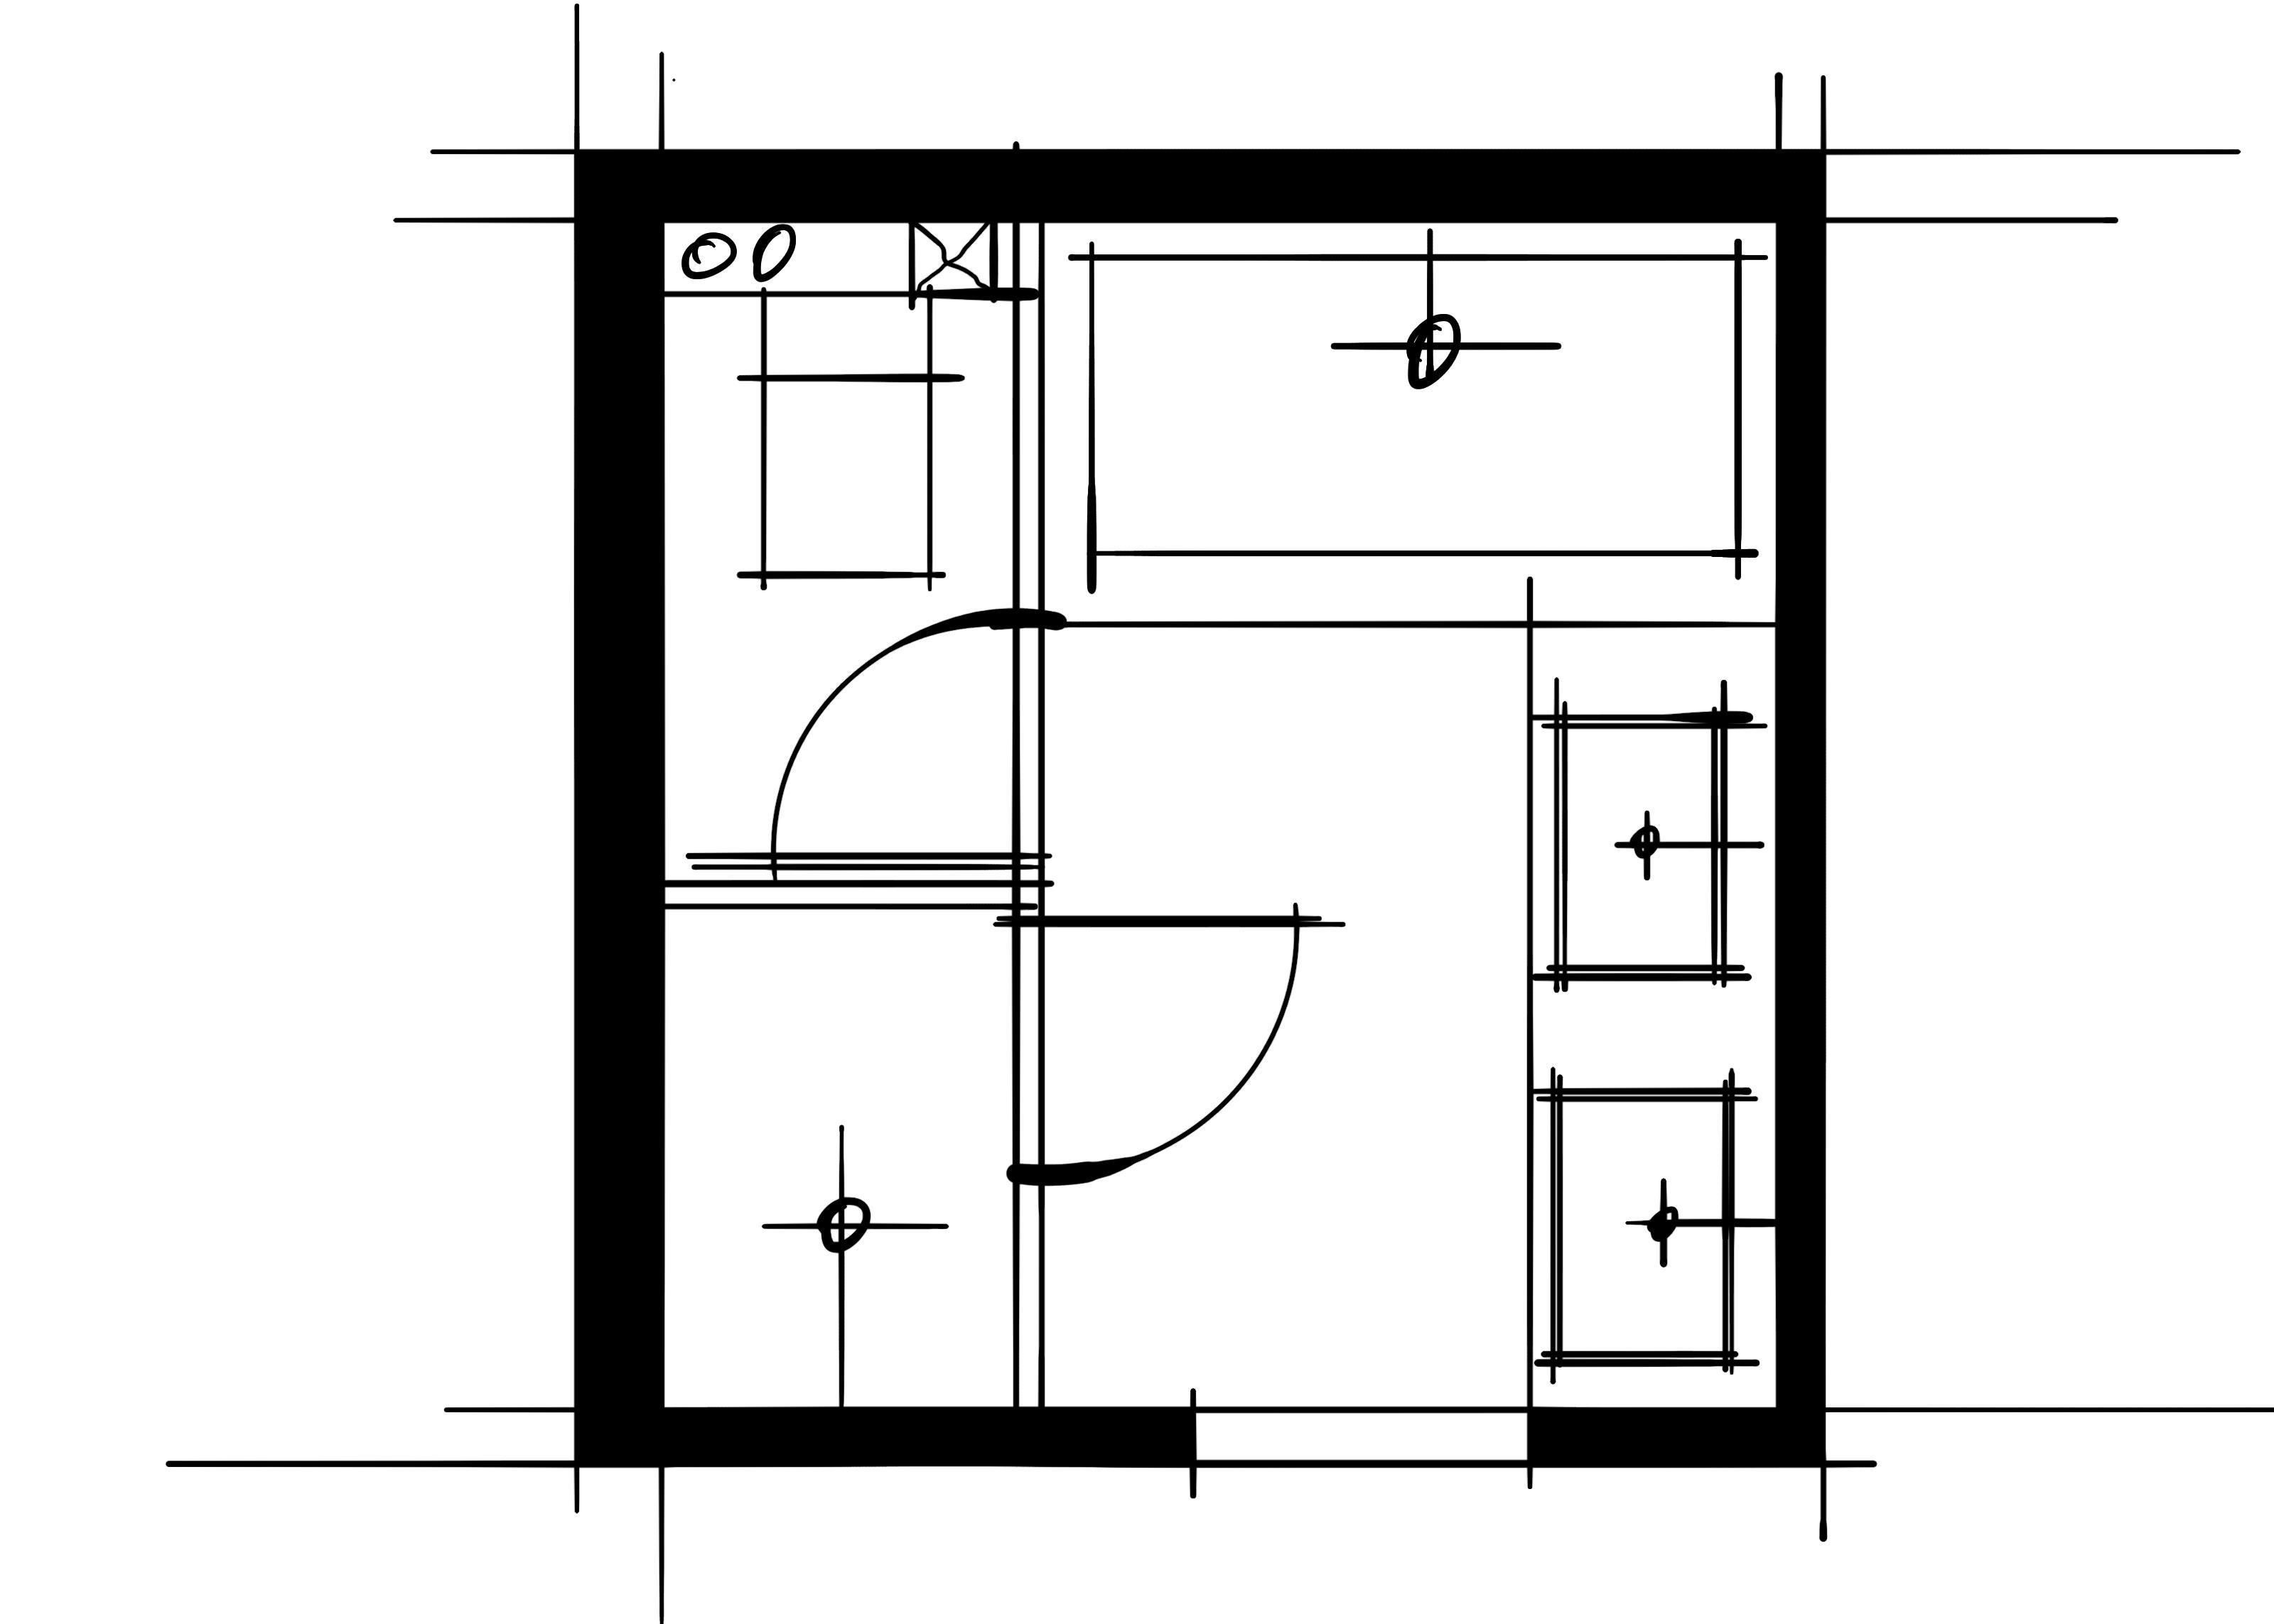 室内设计八大空间的十种做法-主卫(平行空间的组合关系提高使用效率)